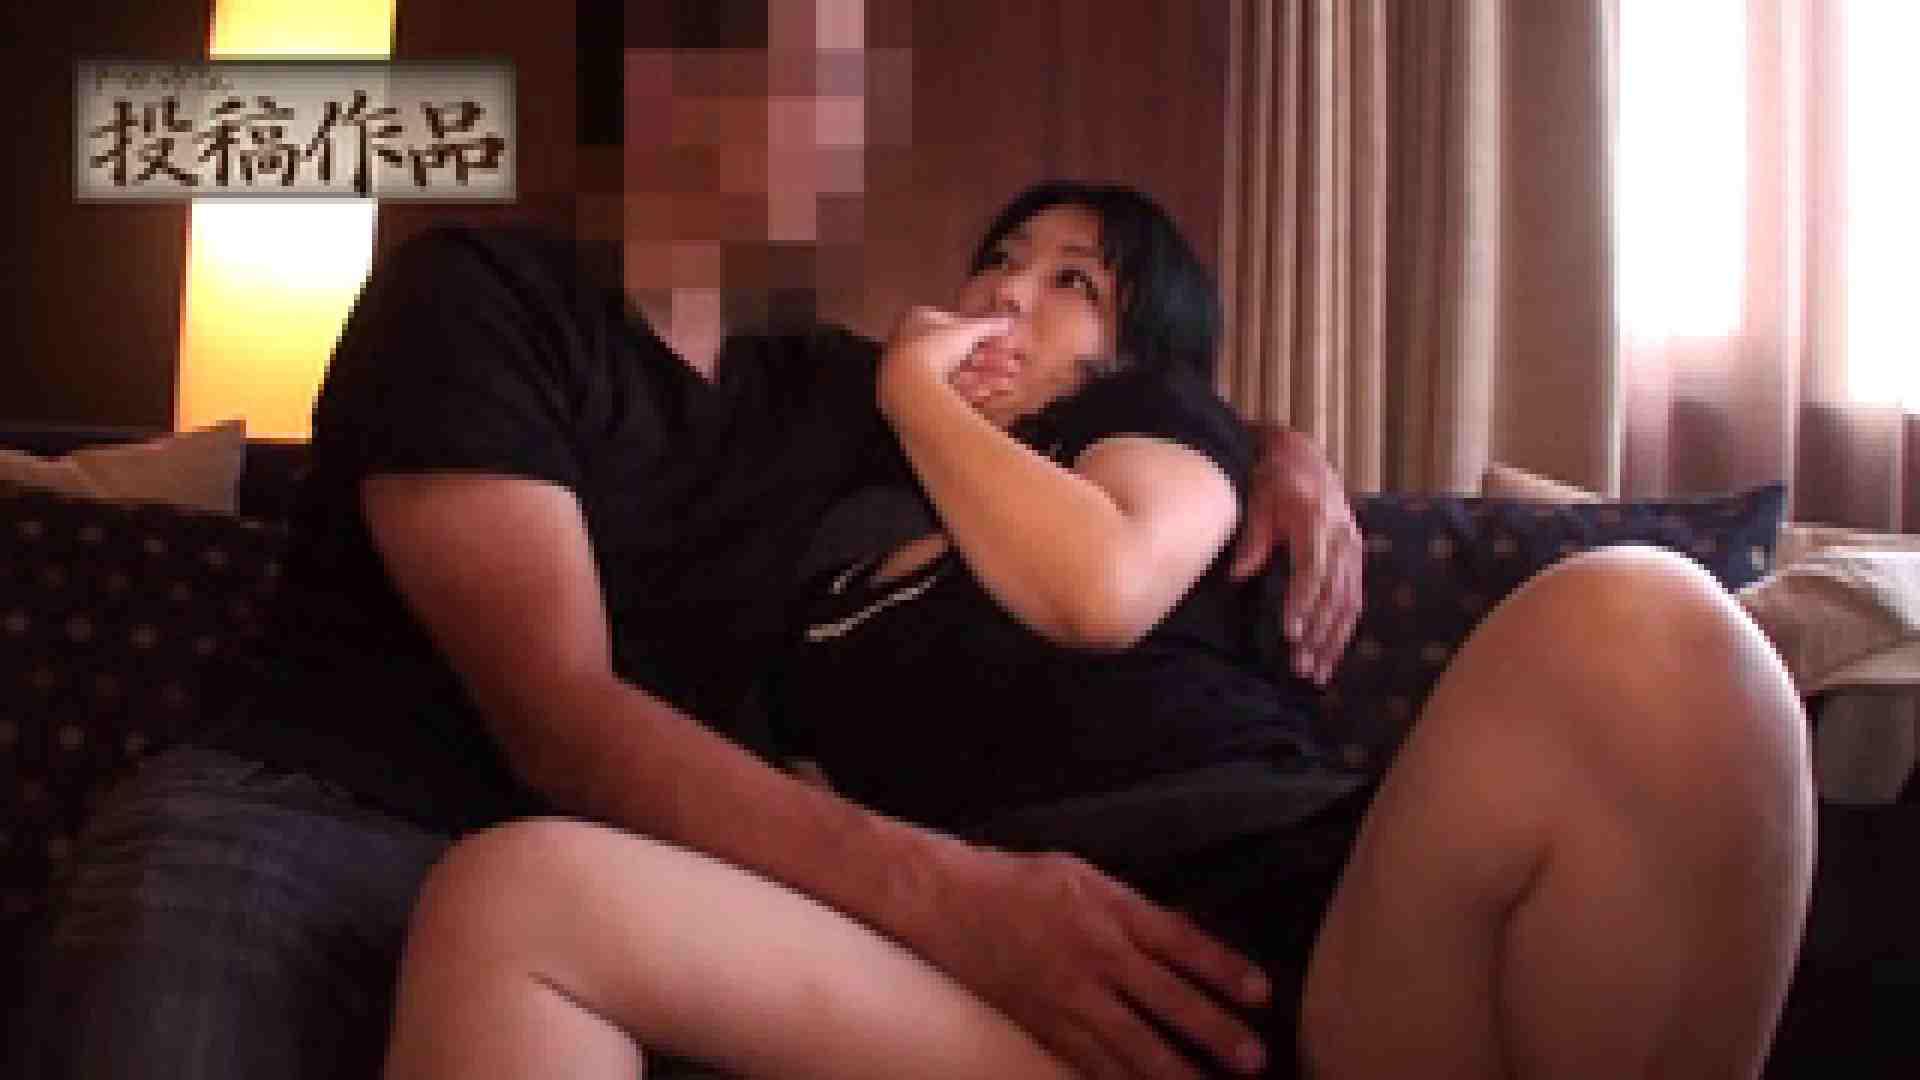 ナマハゲさんのまんこコレクション kana 投稿映像  75pic 12